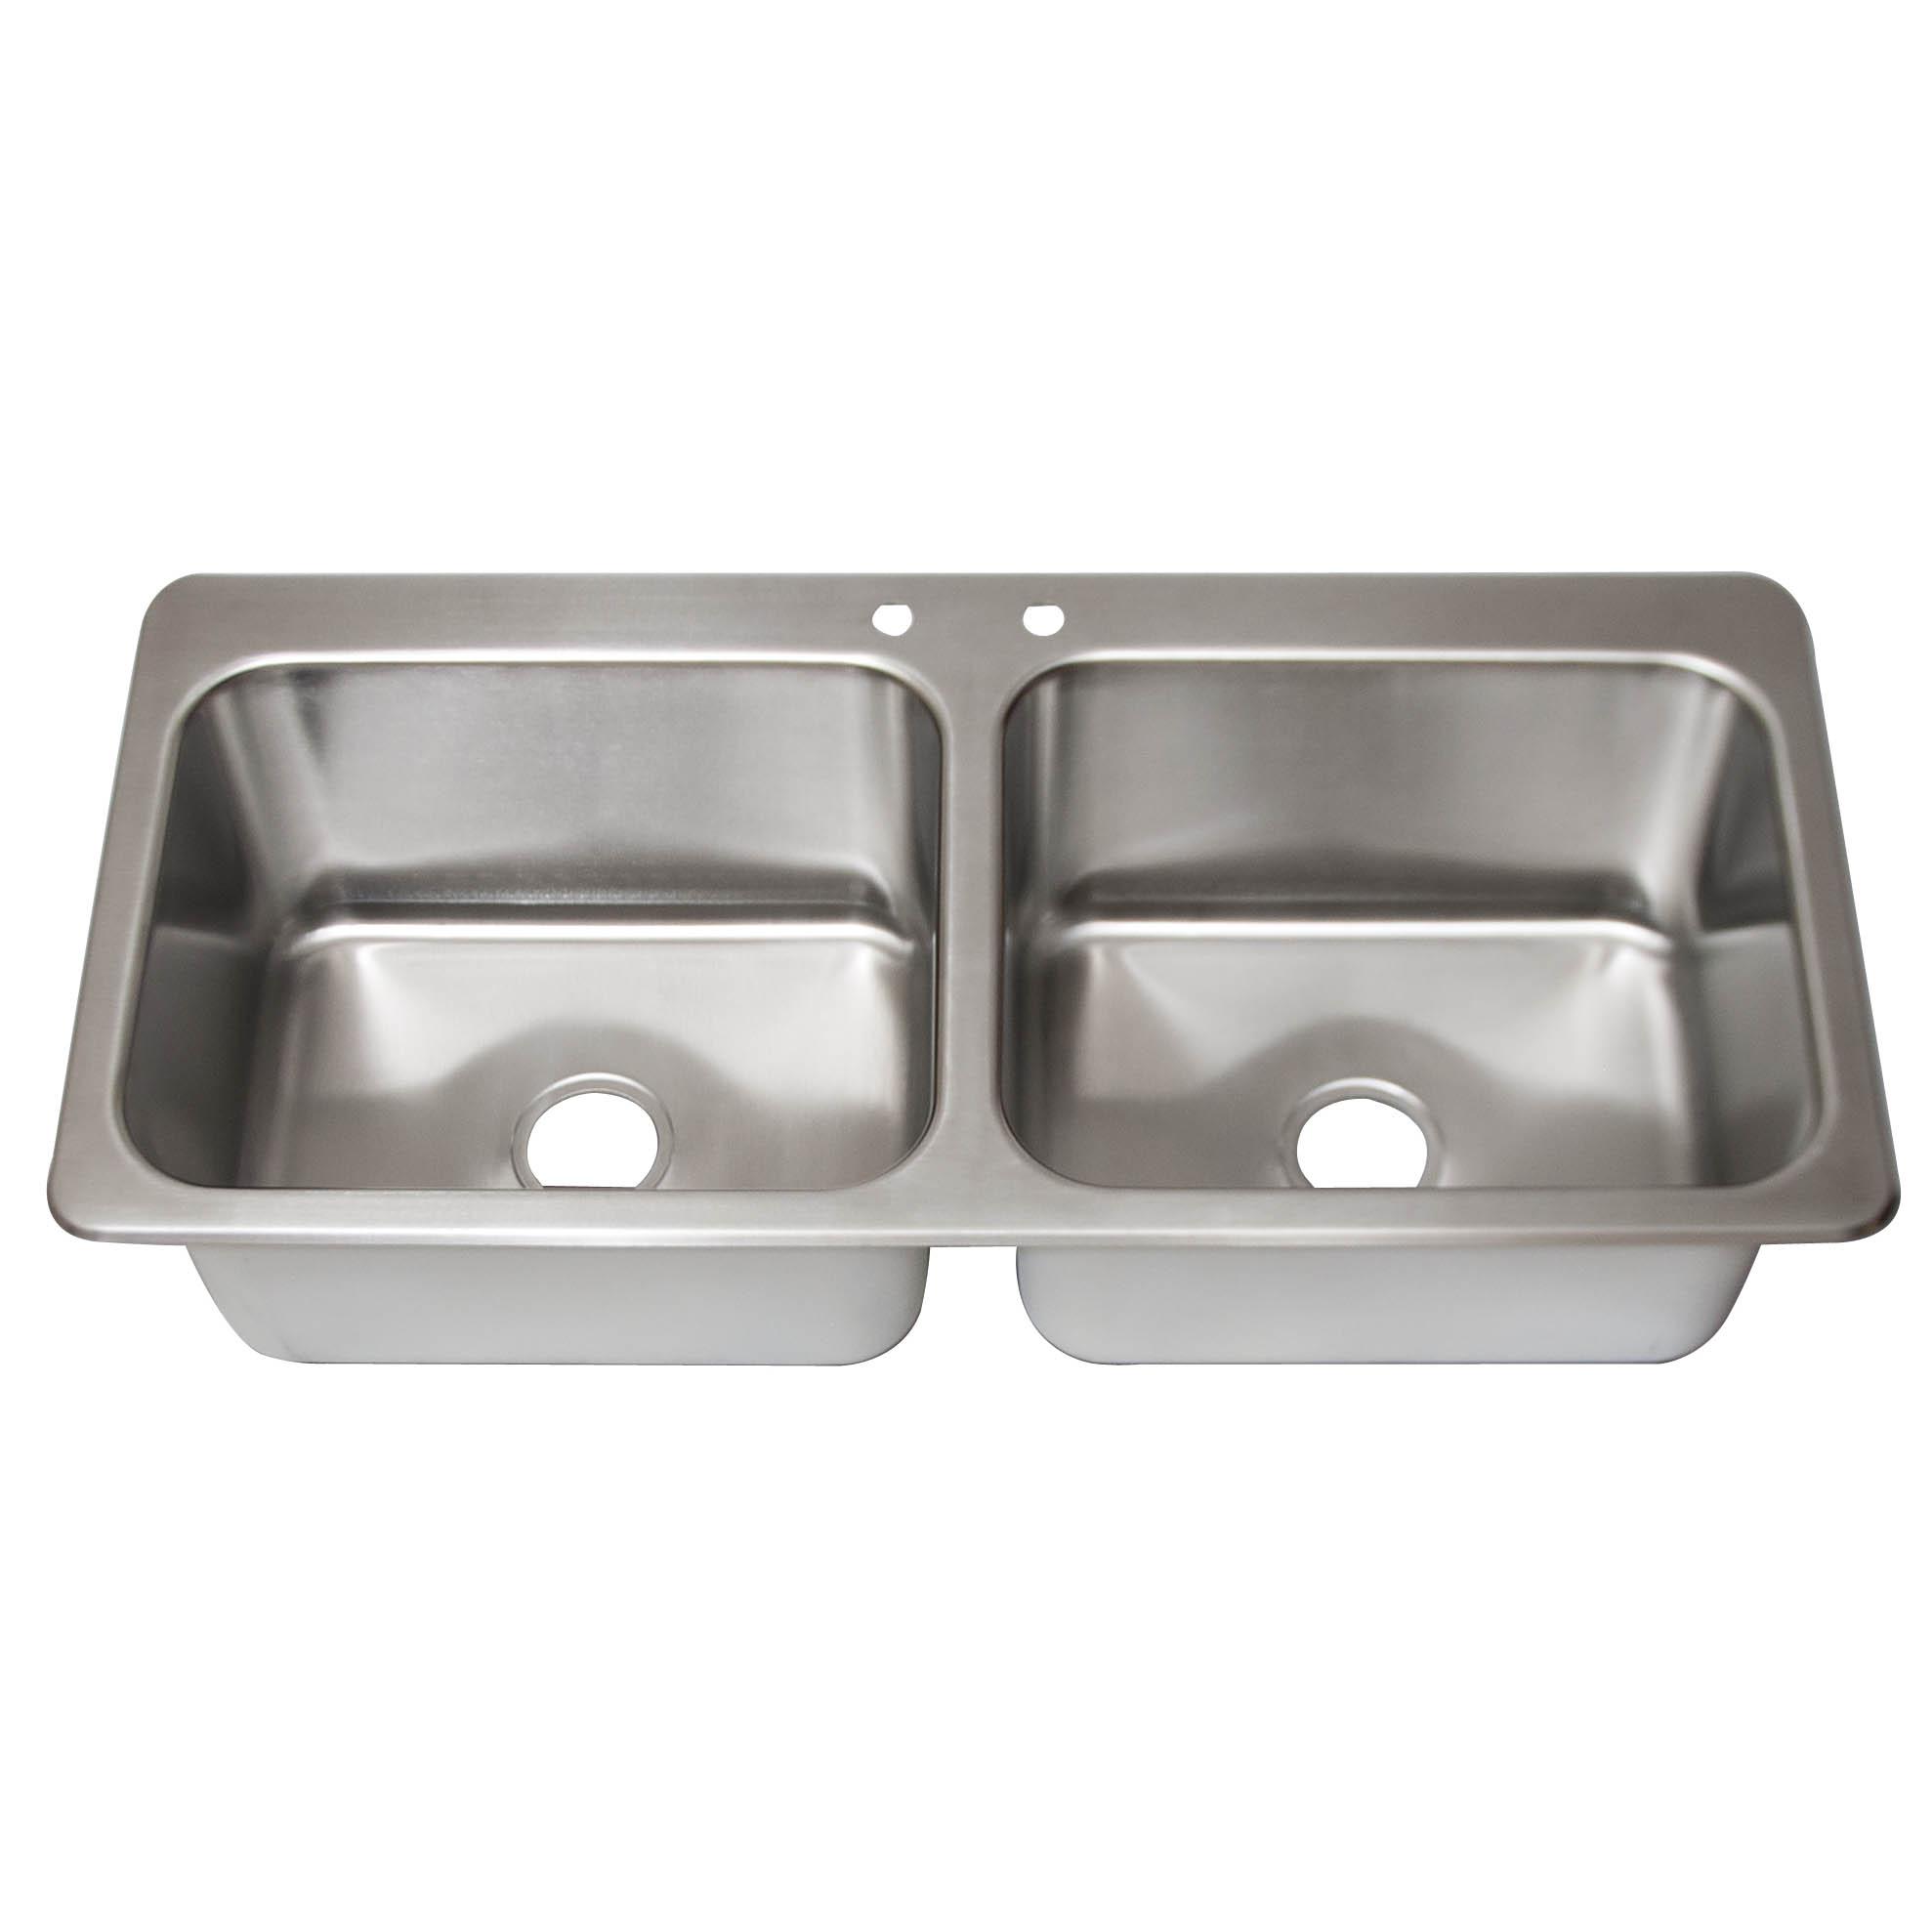 BK Resources DDI2-20161224-P-G sink, drop-in